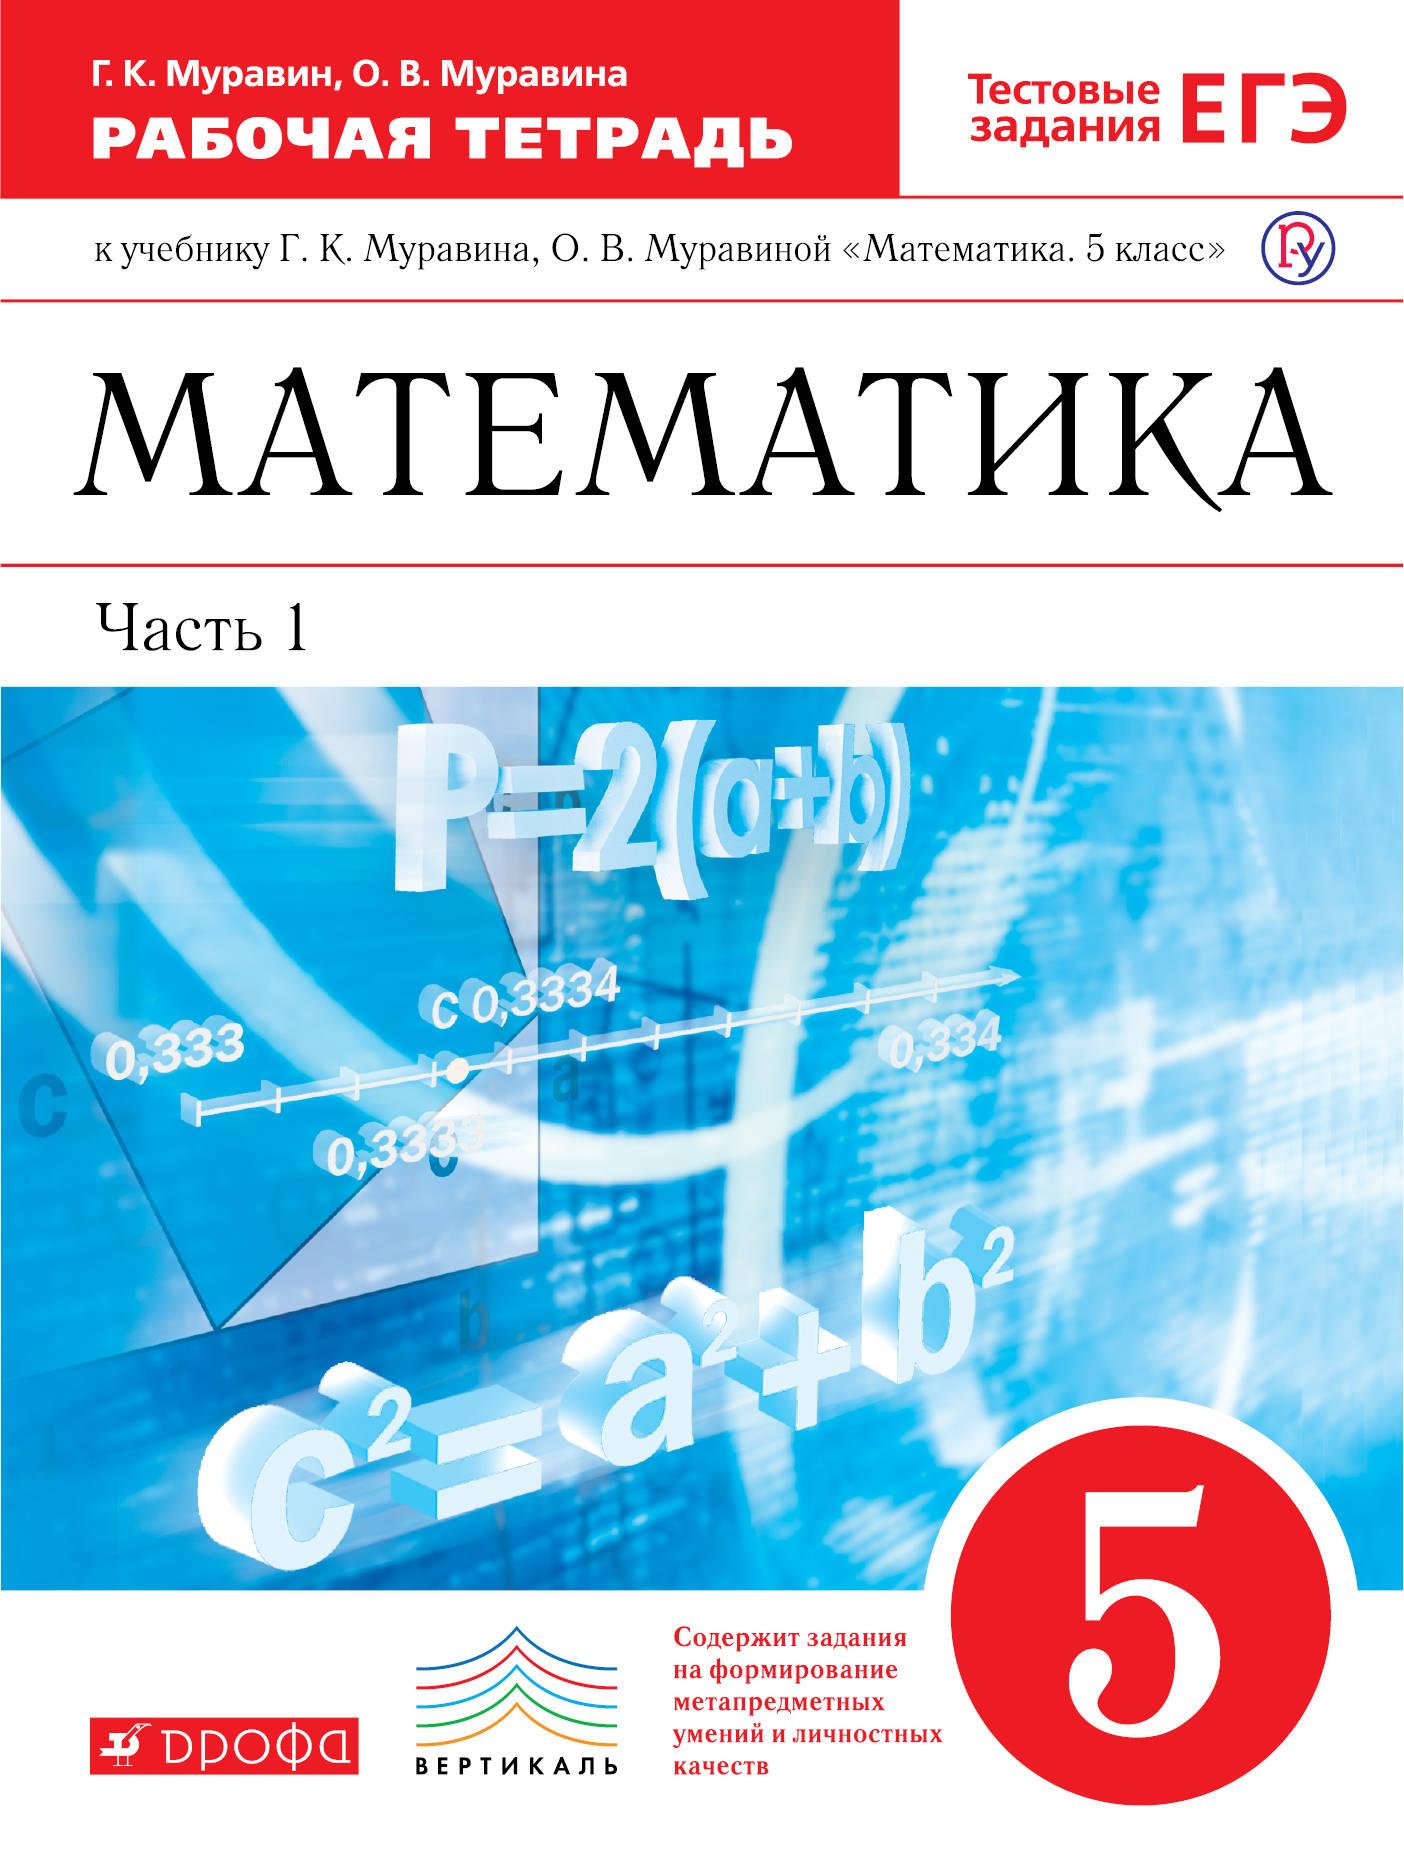 Г. К. Муравин,О. В. Муравина Математика. 5 класс. Часть 1. Рабочая тетрадь (с тестовыми заданиями ЕГЭ)